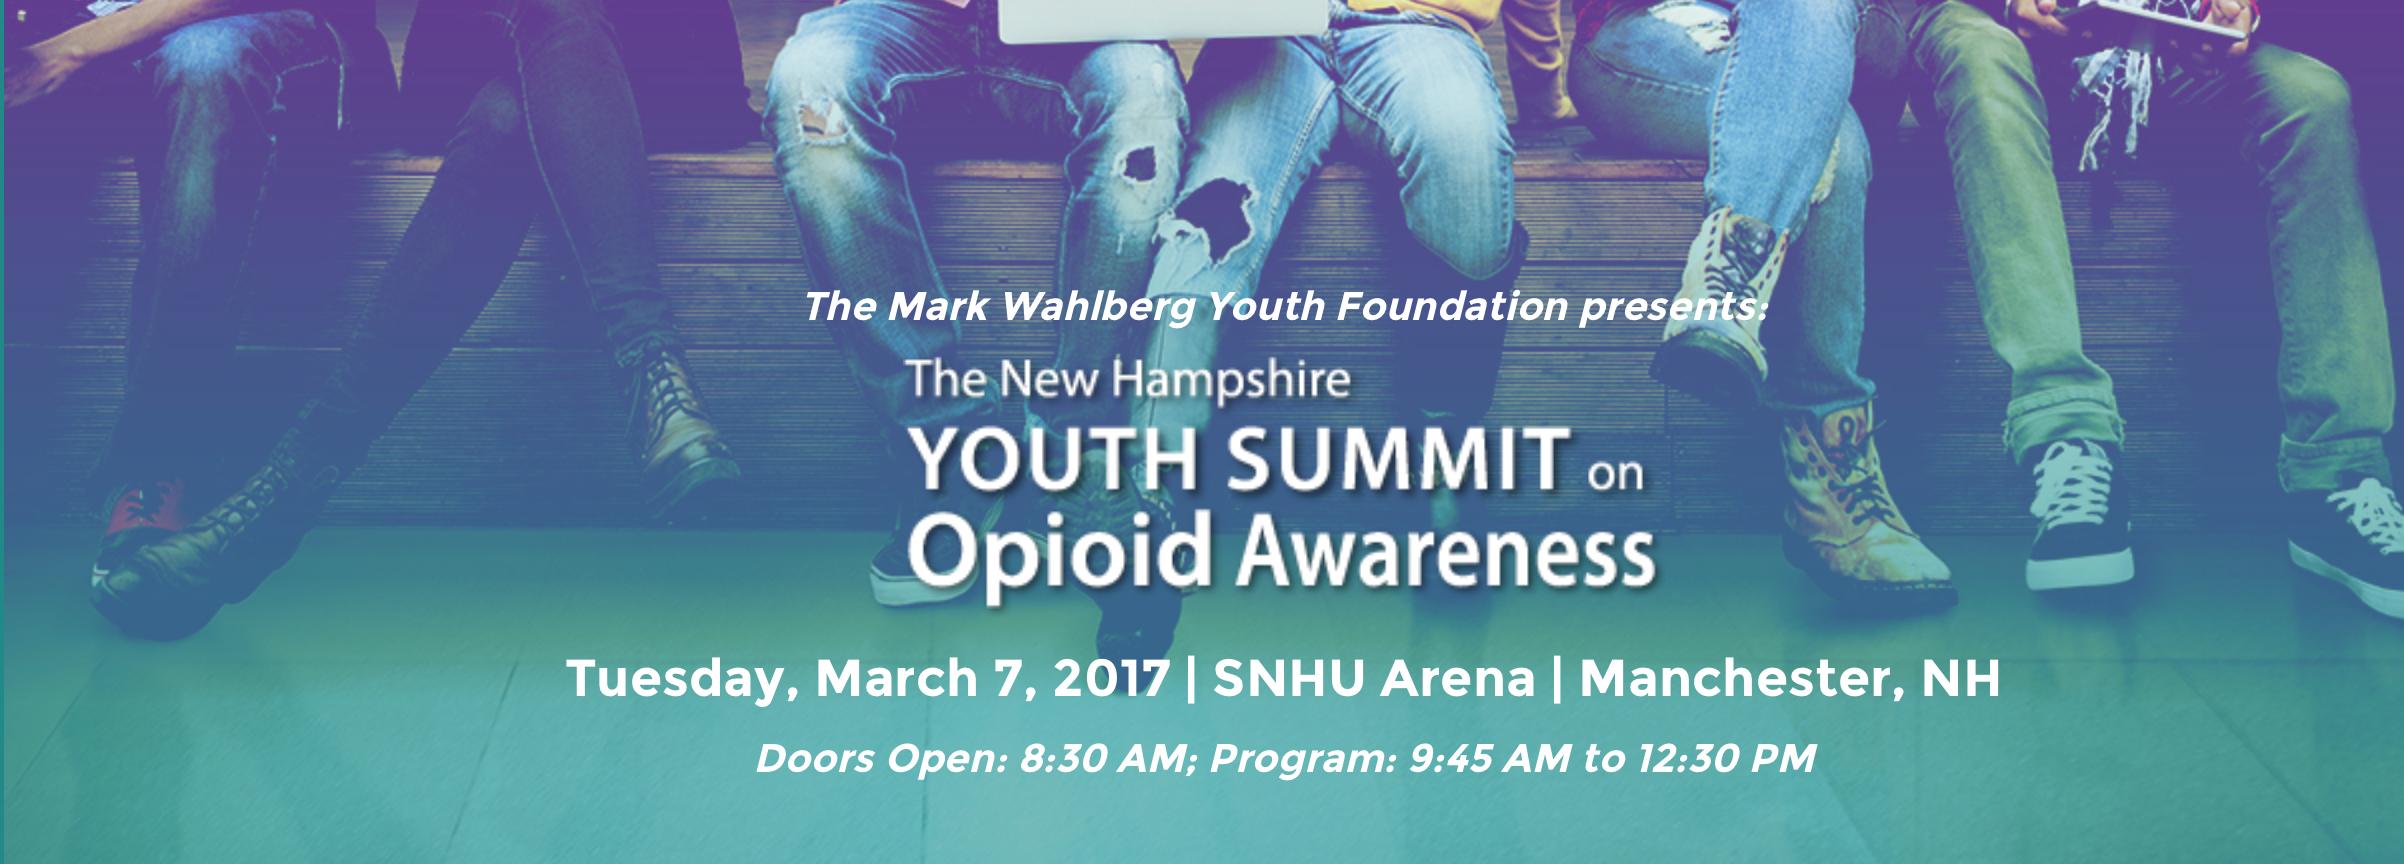 Youth Summit on Opioid Awareness